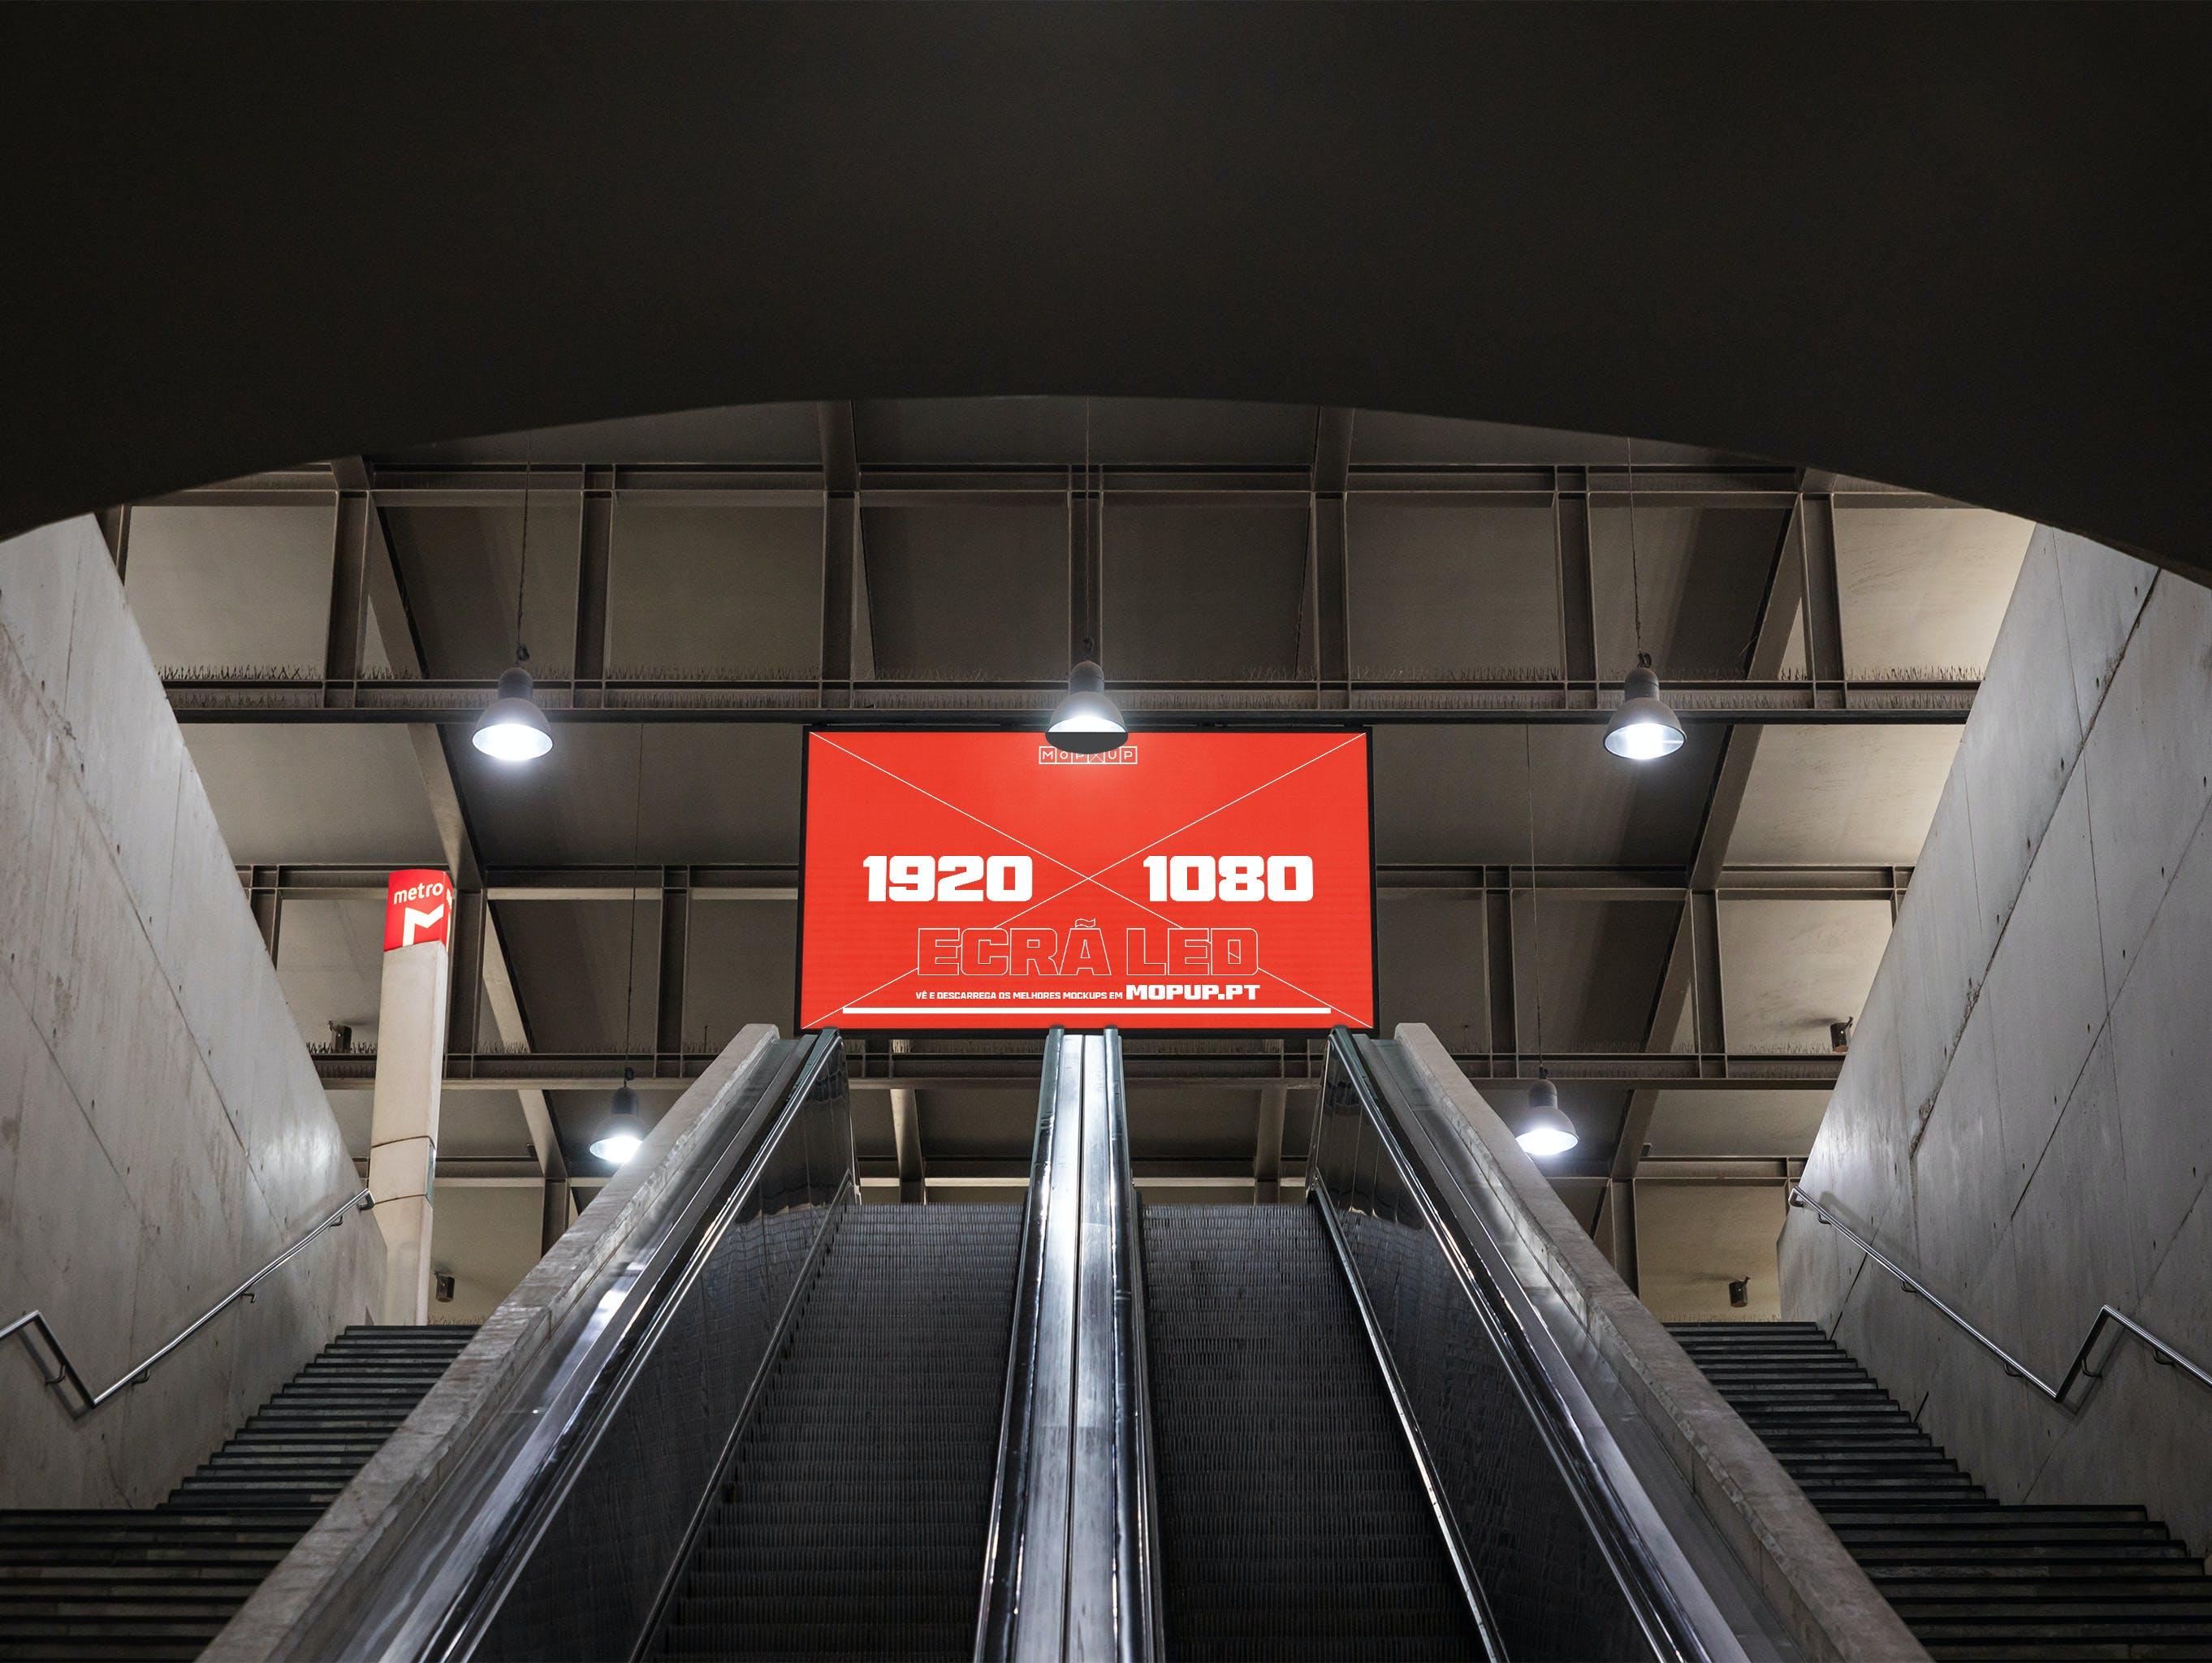 MOPUP - Ecrã Led Metro Cais do Sodré - Mockup